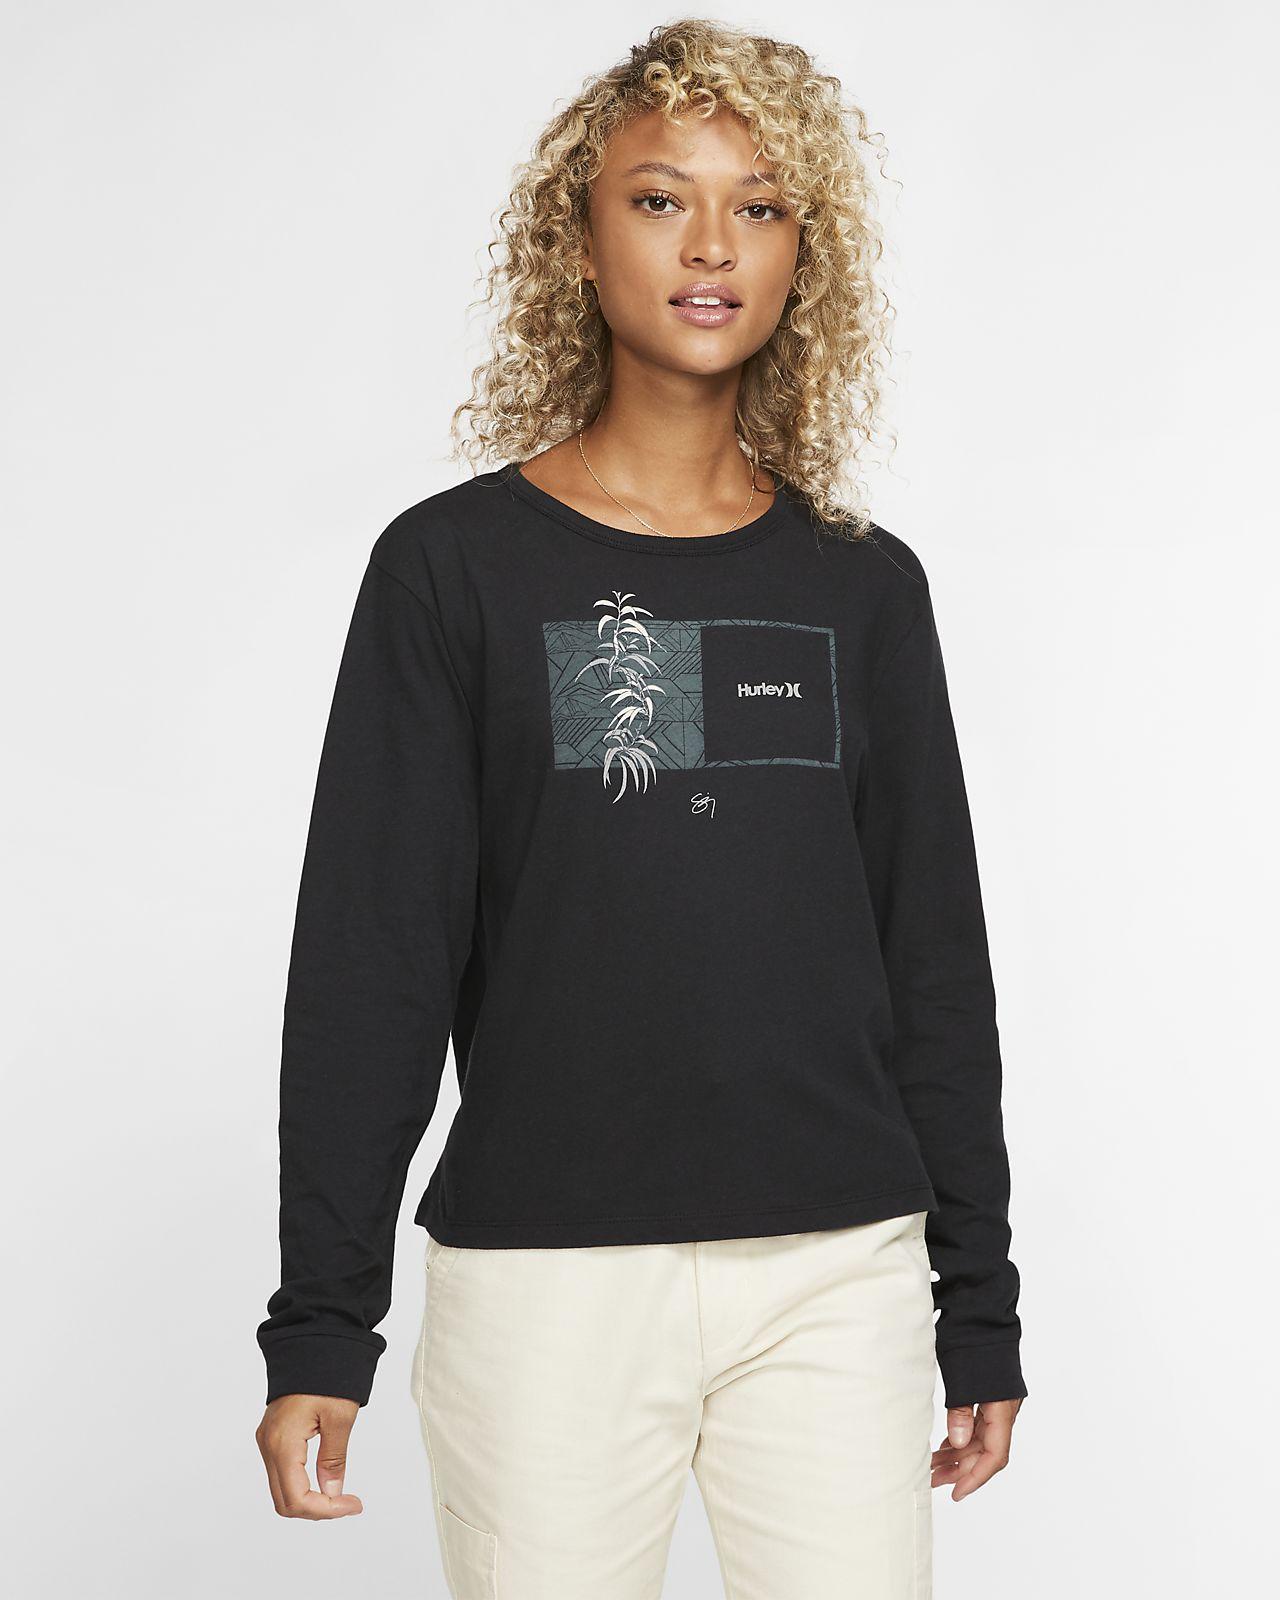 Hurley Sig Zane Perfect Langarm-T-Shirt für Damen